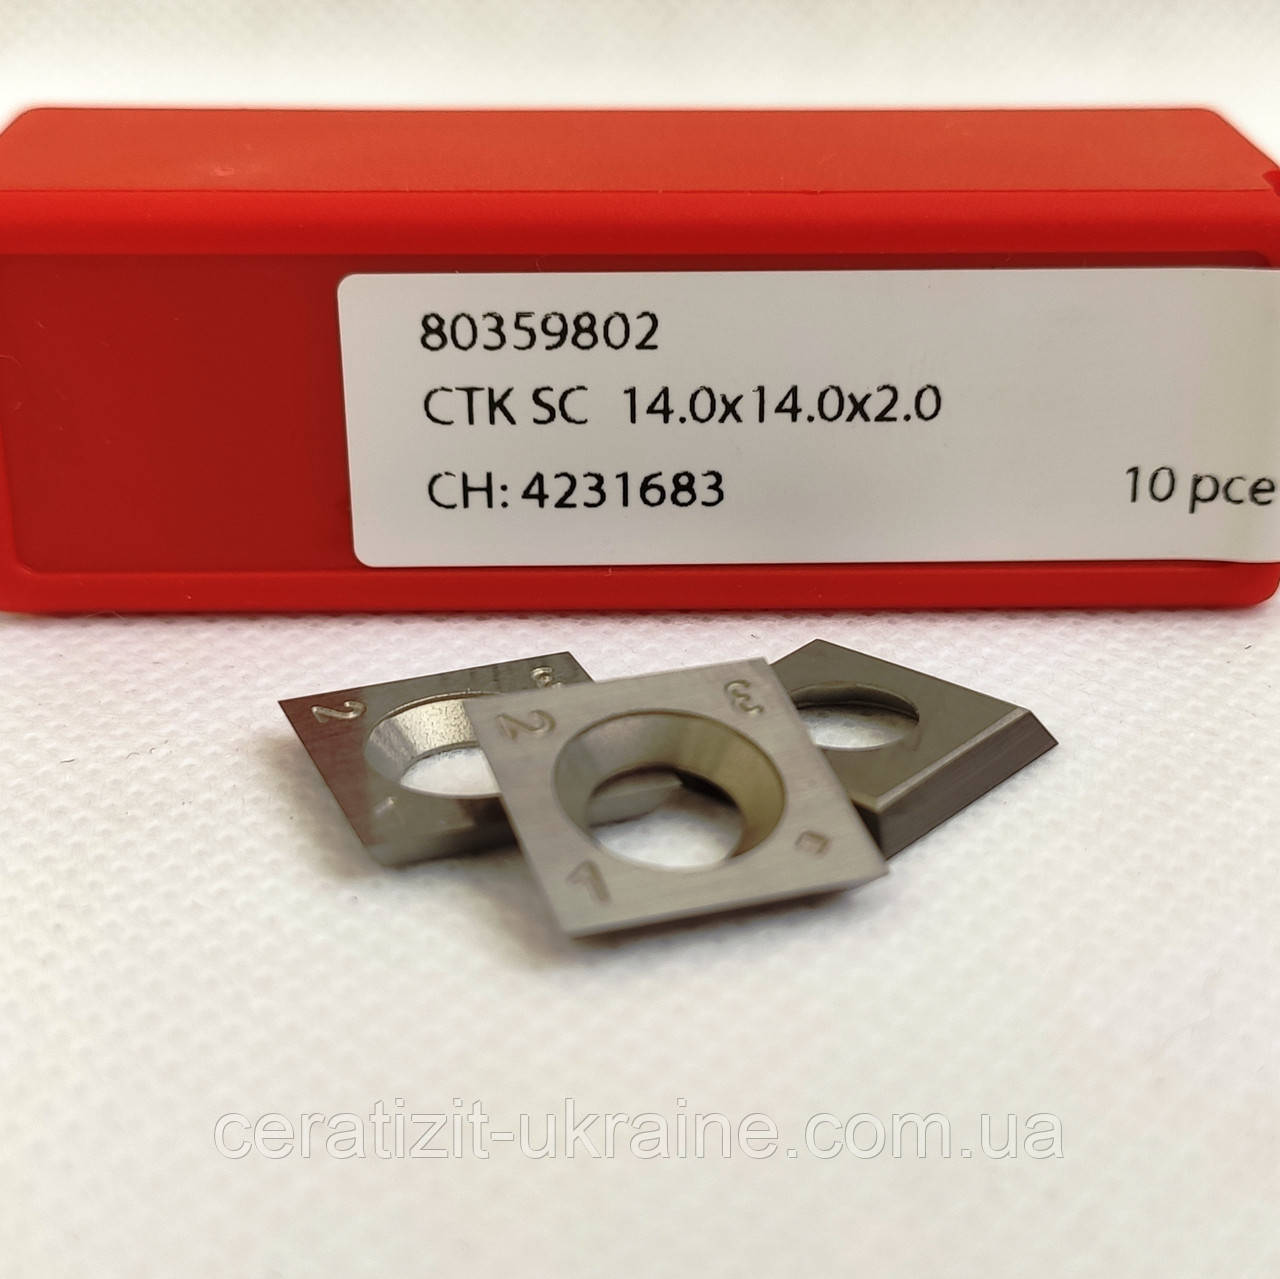 Ніж змінний тб/спл HW 14,0х14,0х2,0 KCR08